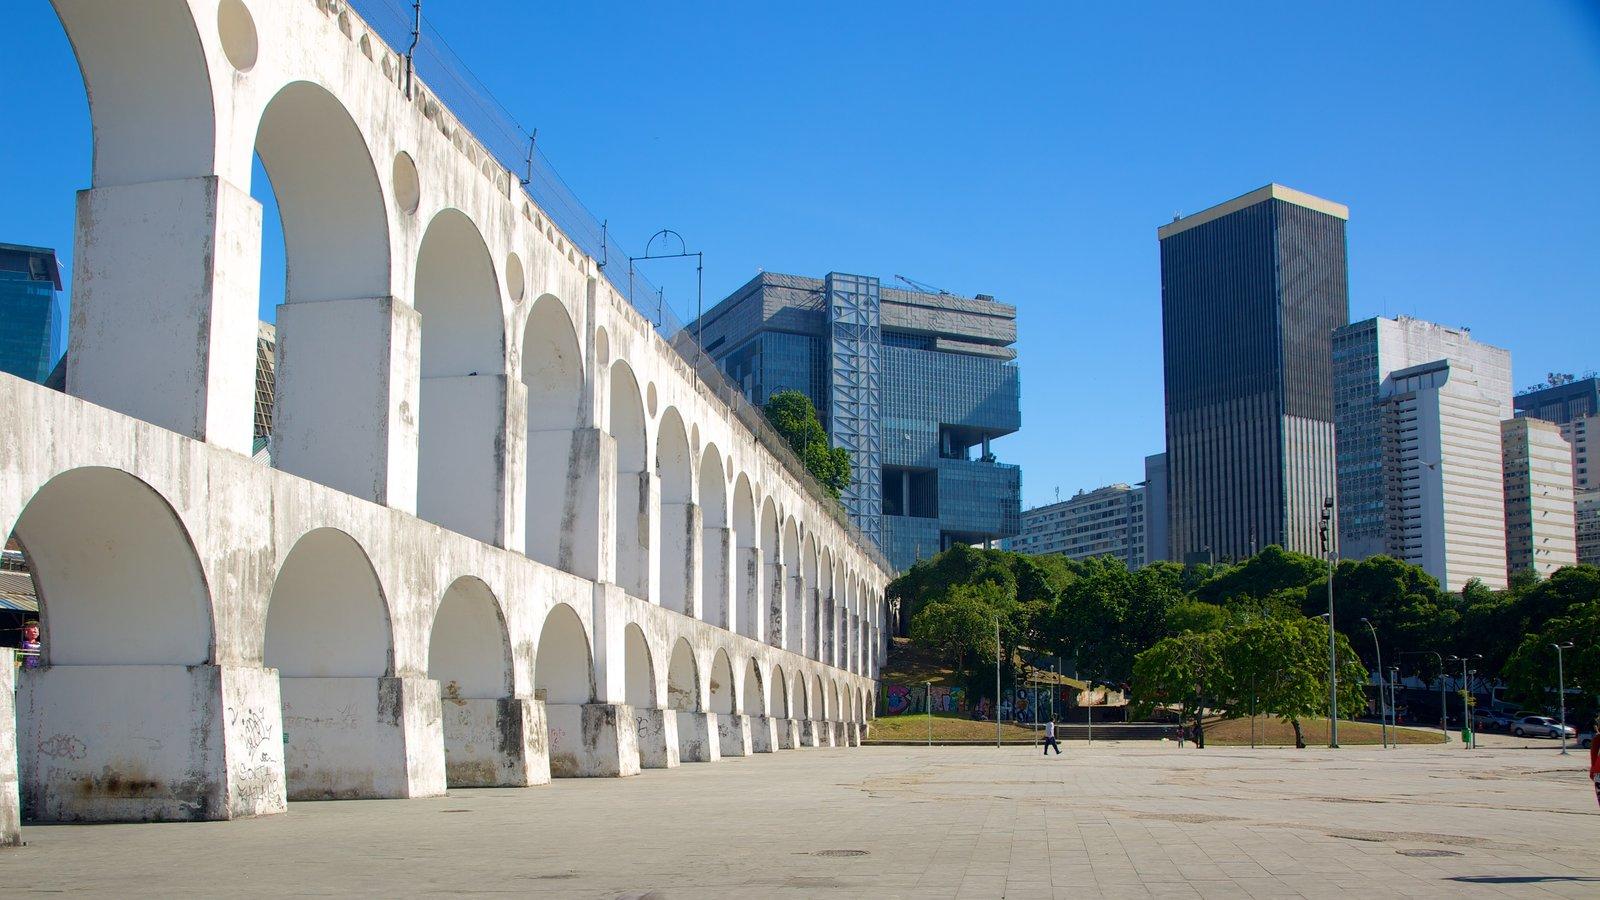 Lapa caracterizando uma praça ou plaza e arquitetura de patrimônio